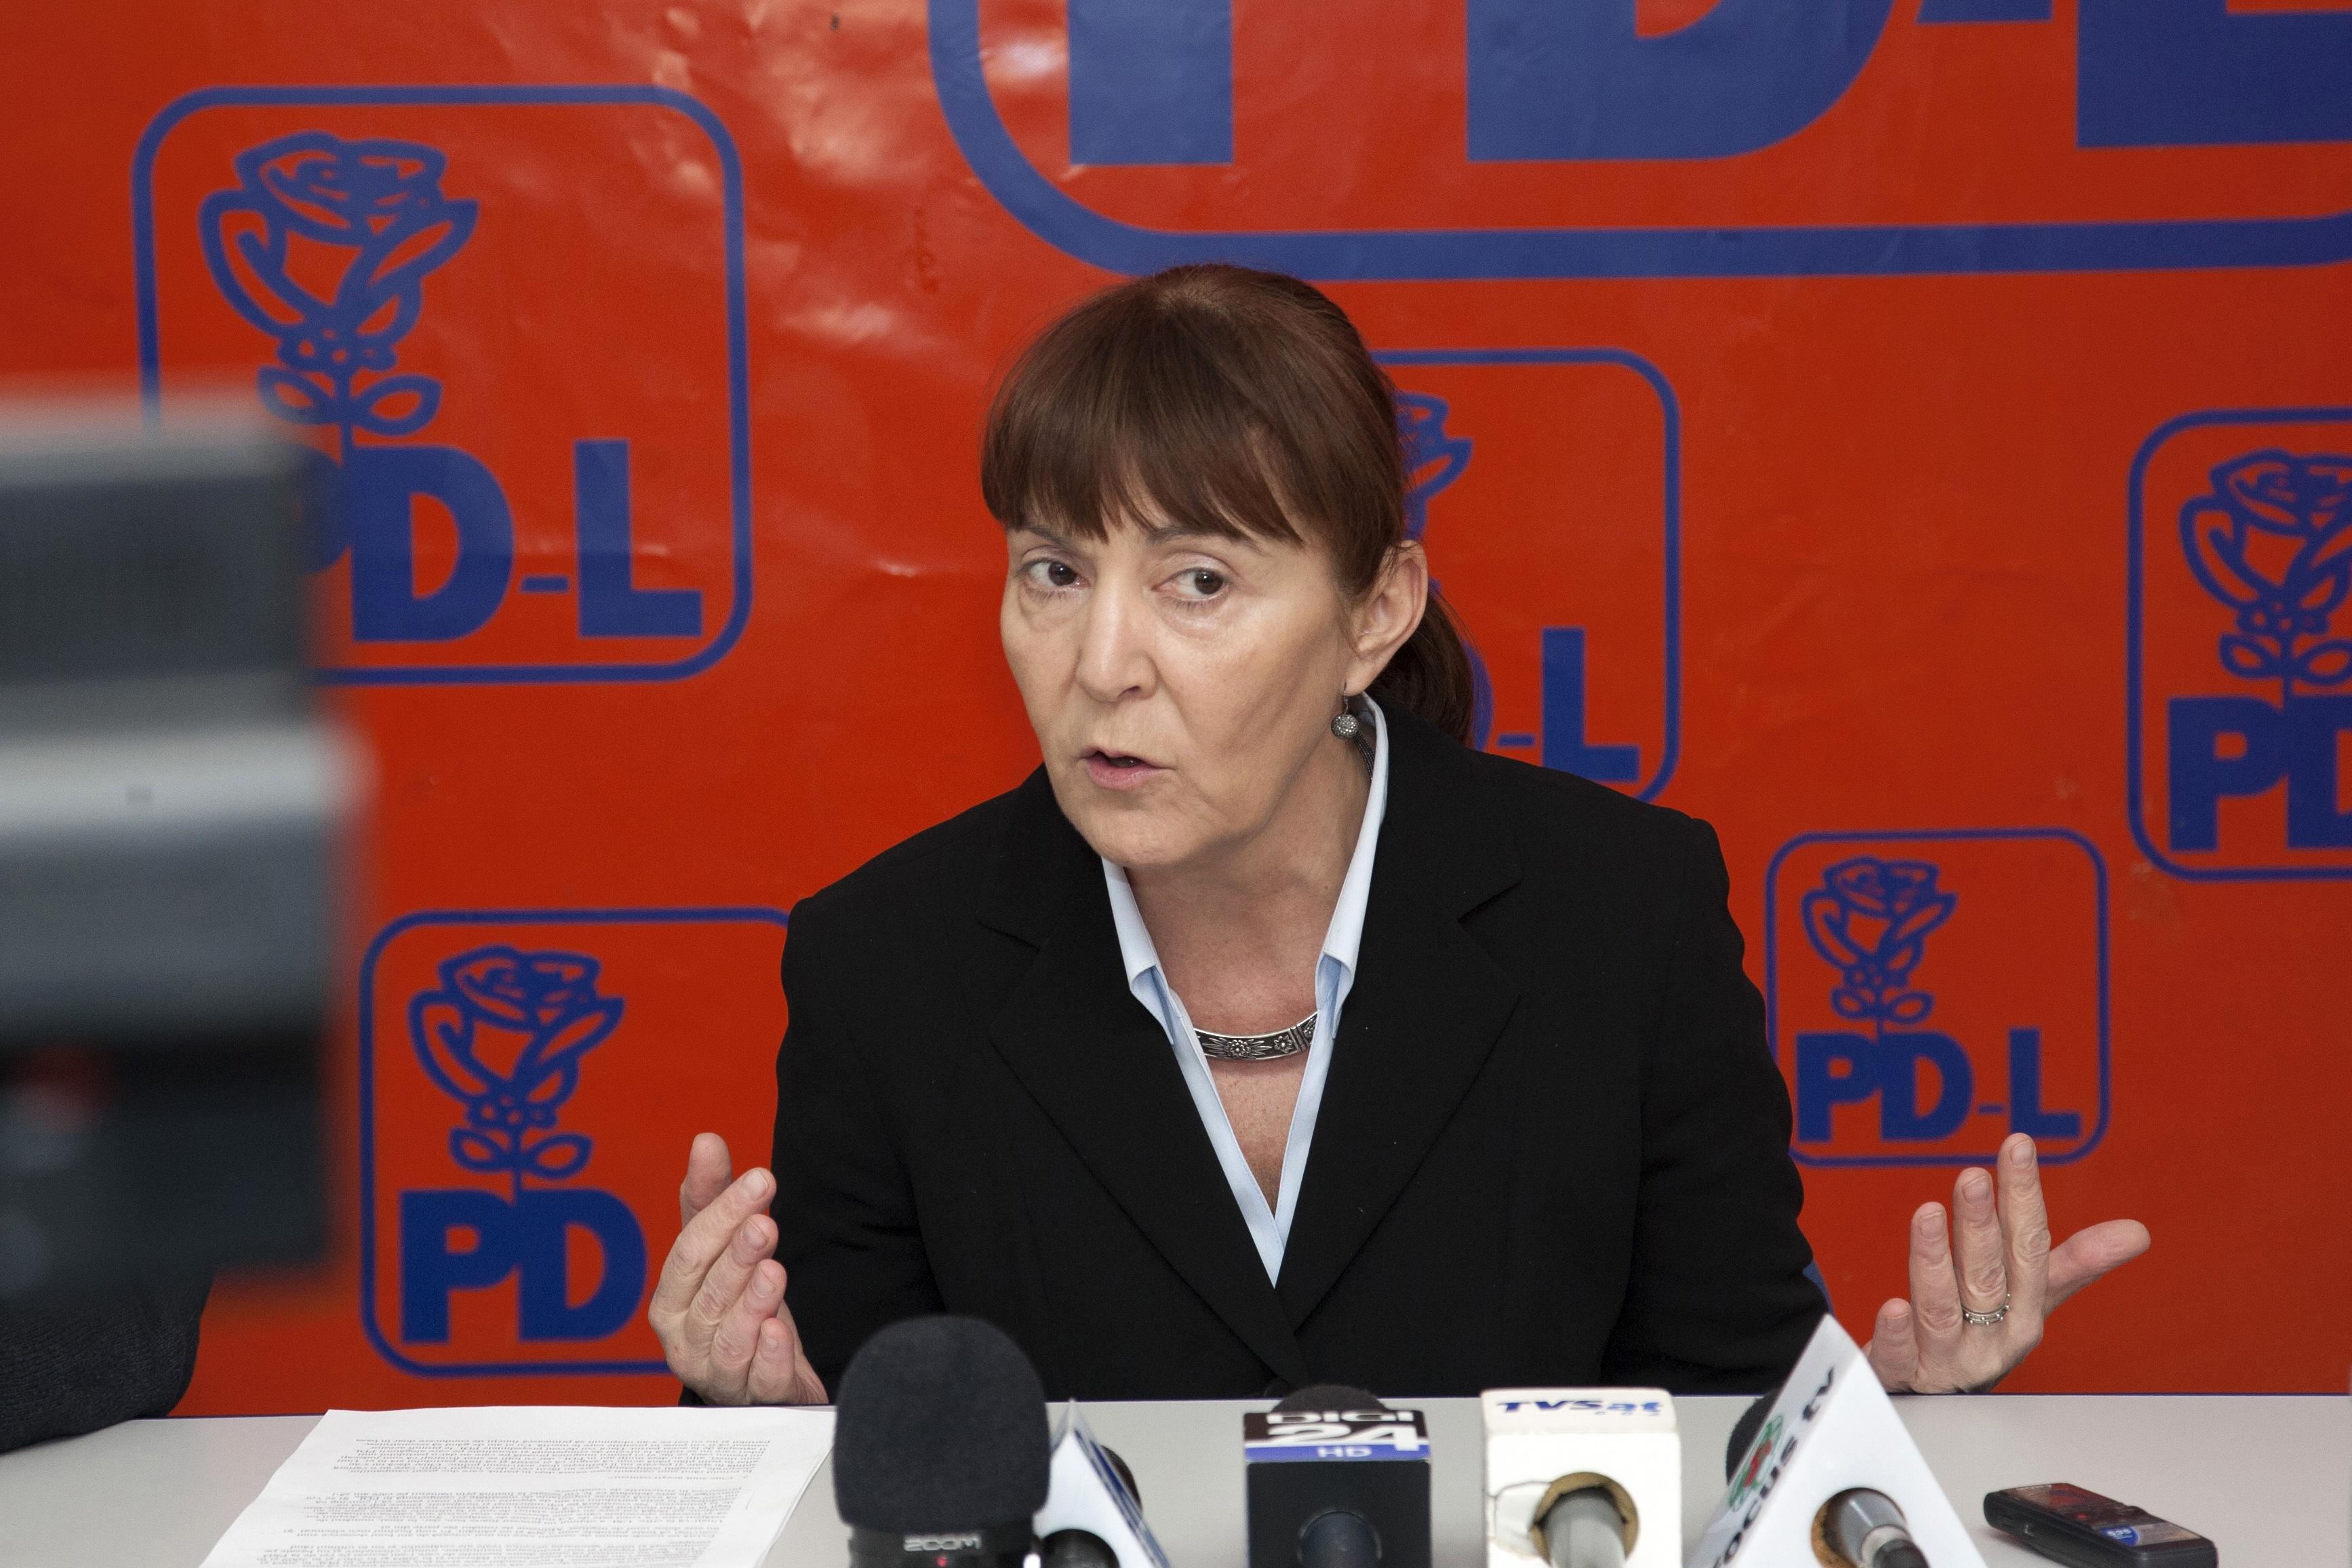 Monica Macovei cere sanctionarea deputatilor PDL care au votat pentru modificarea Codului penal